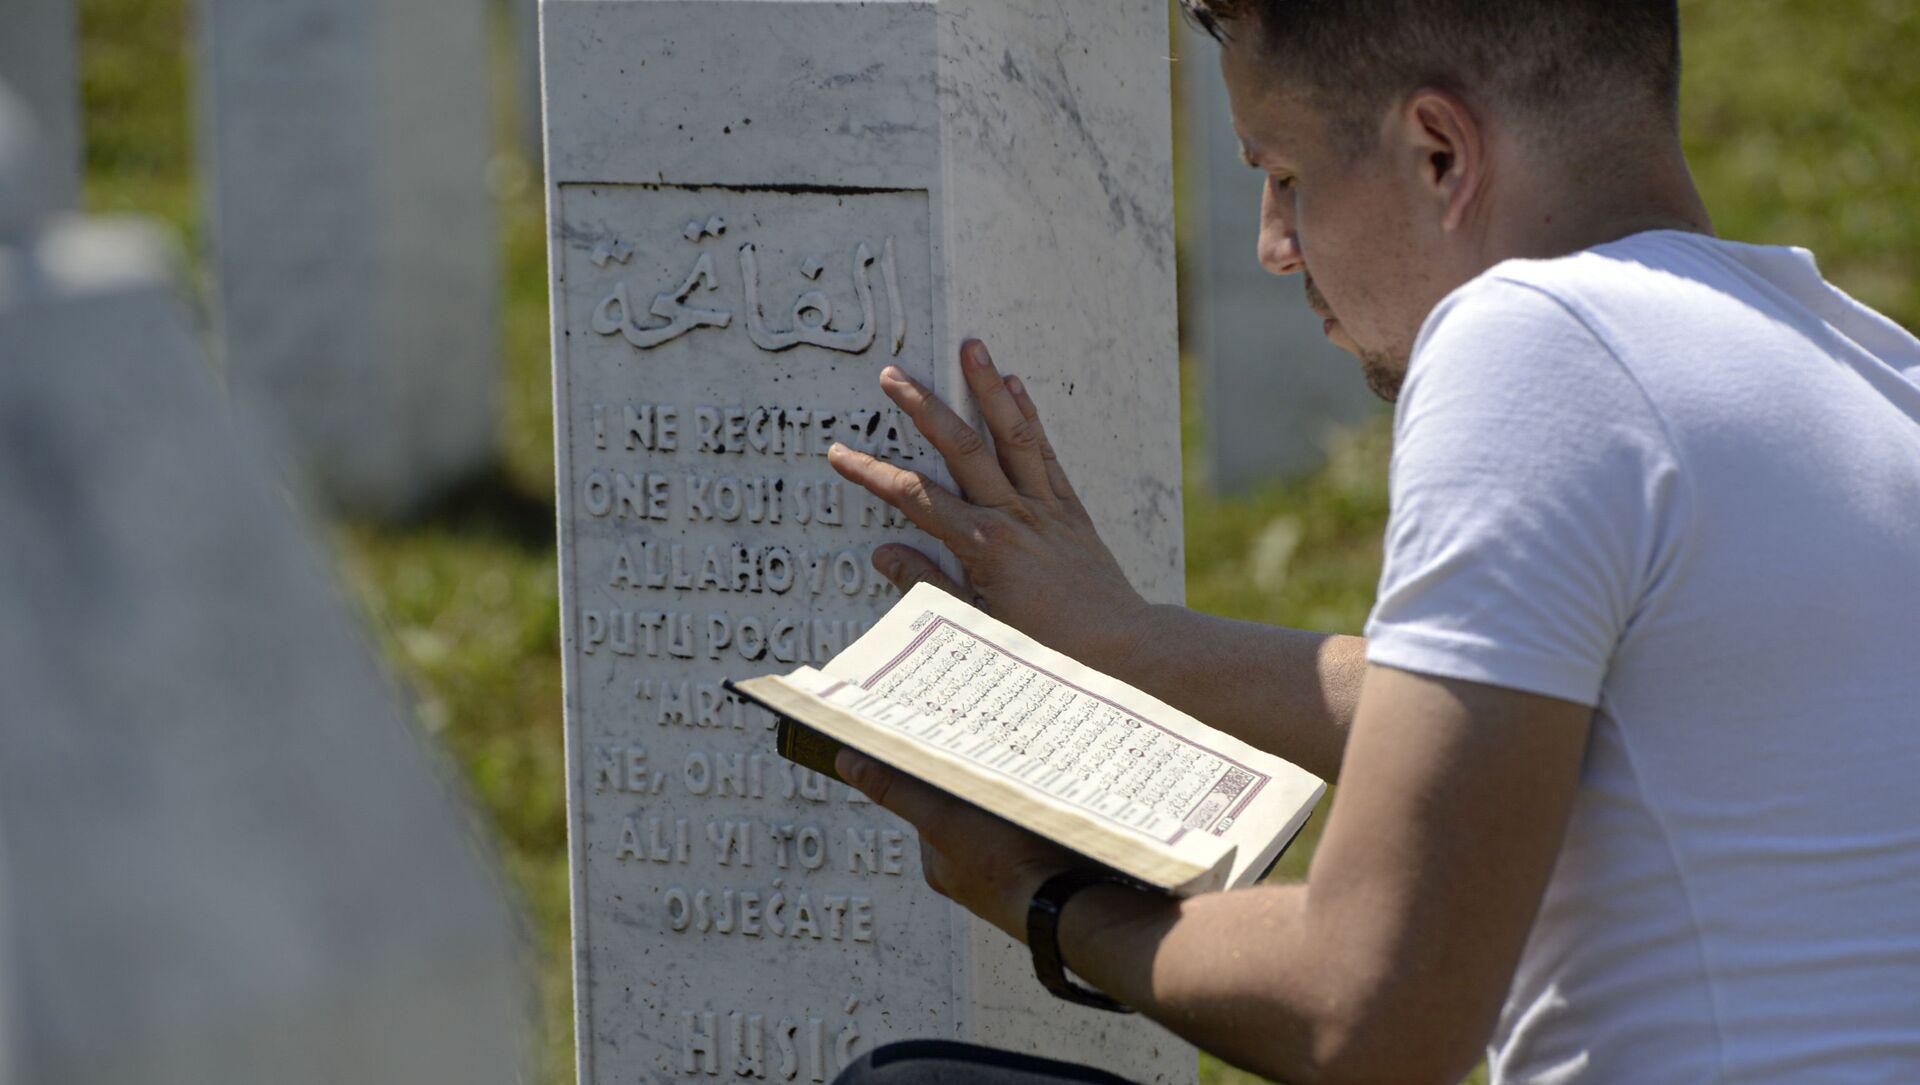 Човек се моли седећи између гробног камења у Поточарима, близу Сребренице, Босна, субота, 11. јули 2020. - Sputnik Србија, 1920, 11.07.2021